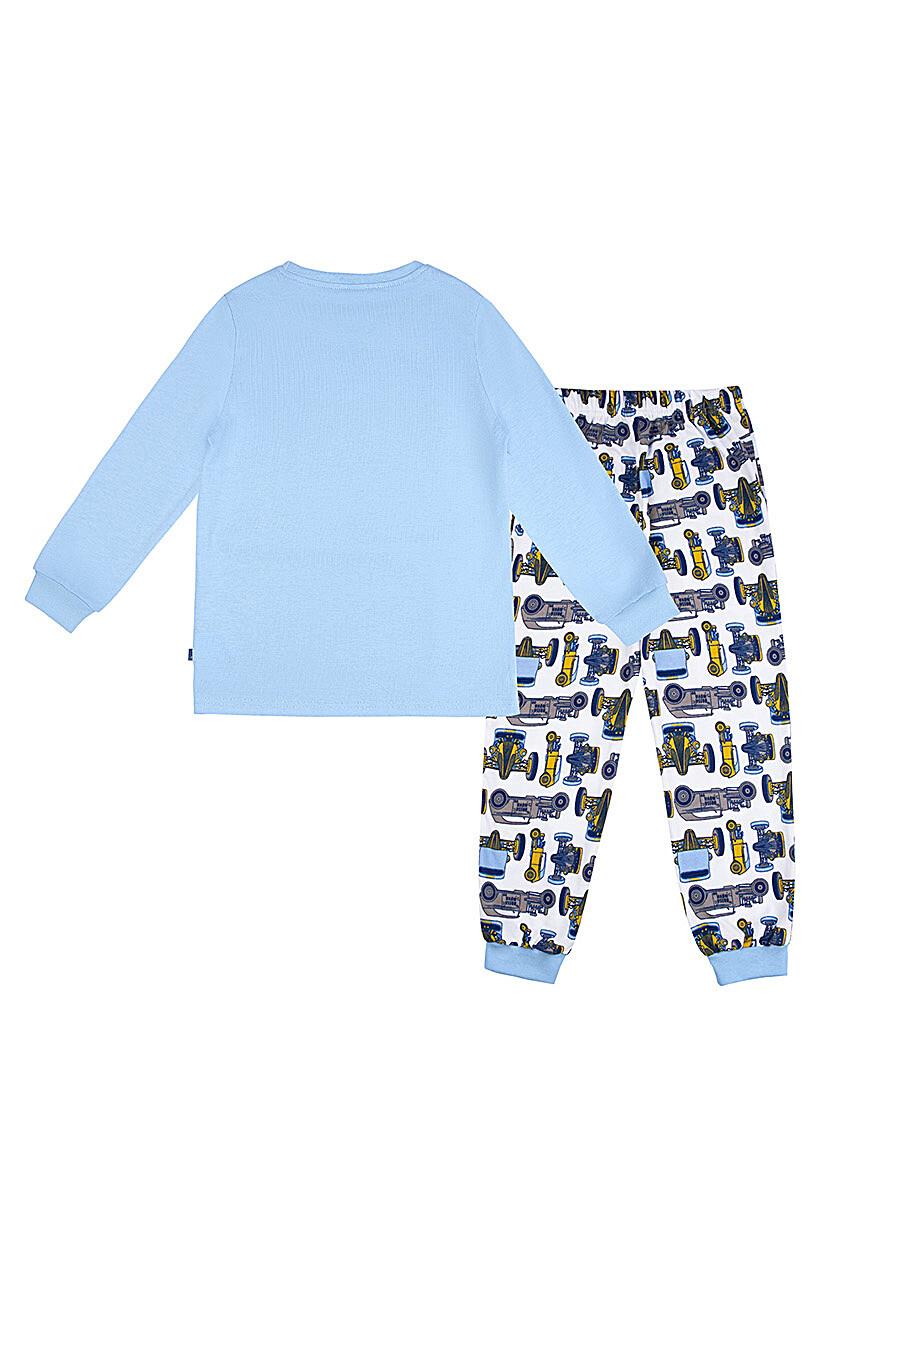 Пижама (джемпер+брюки) для девочек BOSSA NOVA 239169 купить оптом от производителя. Совместная покупка детской одежды в OptMoyo